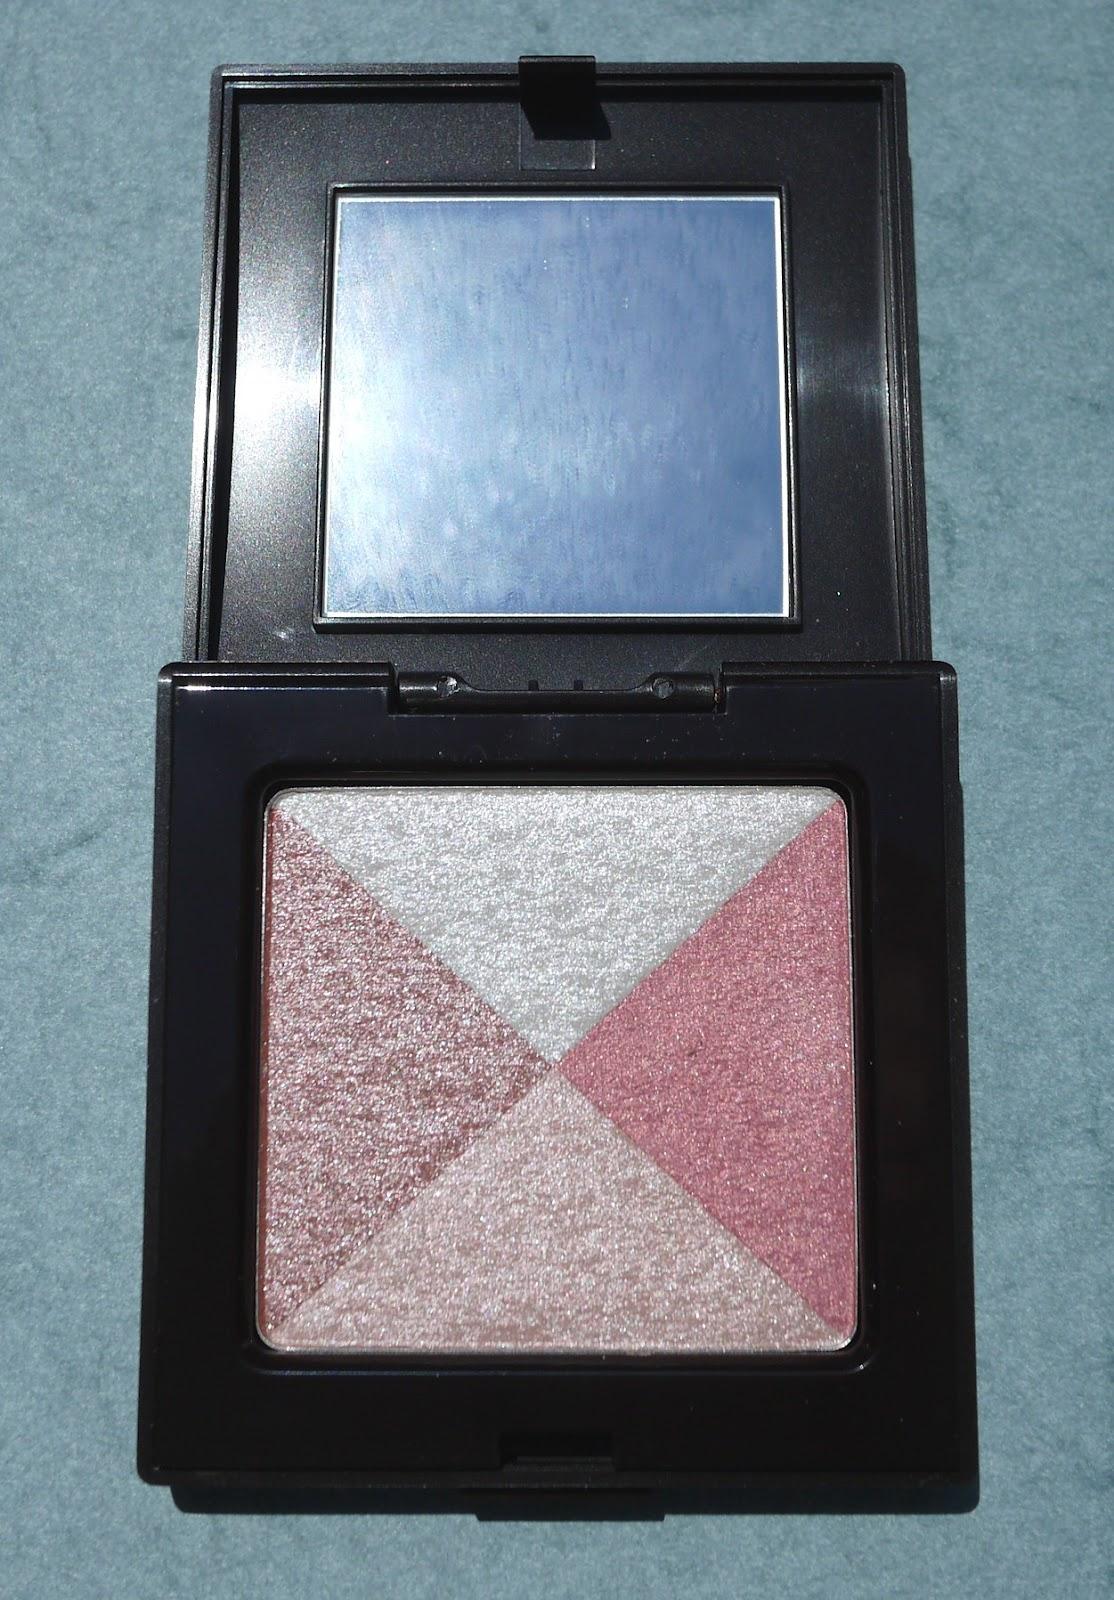 http://3.bp.blogspot.com/-YDXLln1nhJA/T-t_Cs_NWLI/AAAAAAAAQuc/aSYho7MQ4kc/s1600/LM+Pink+Highlighter+Summer.JPG